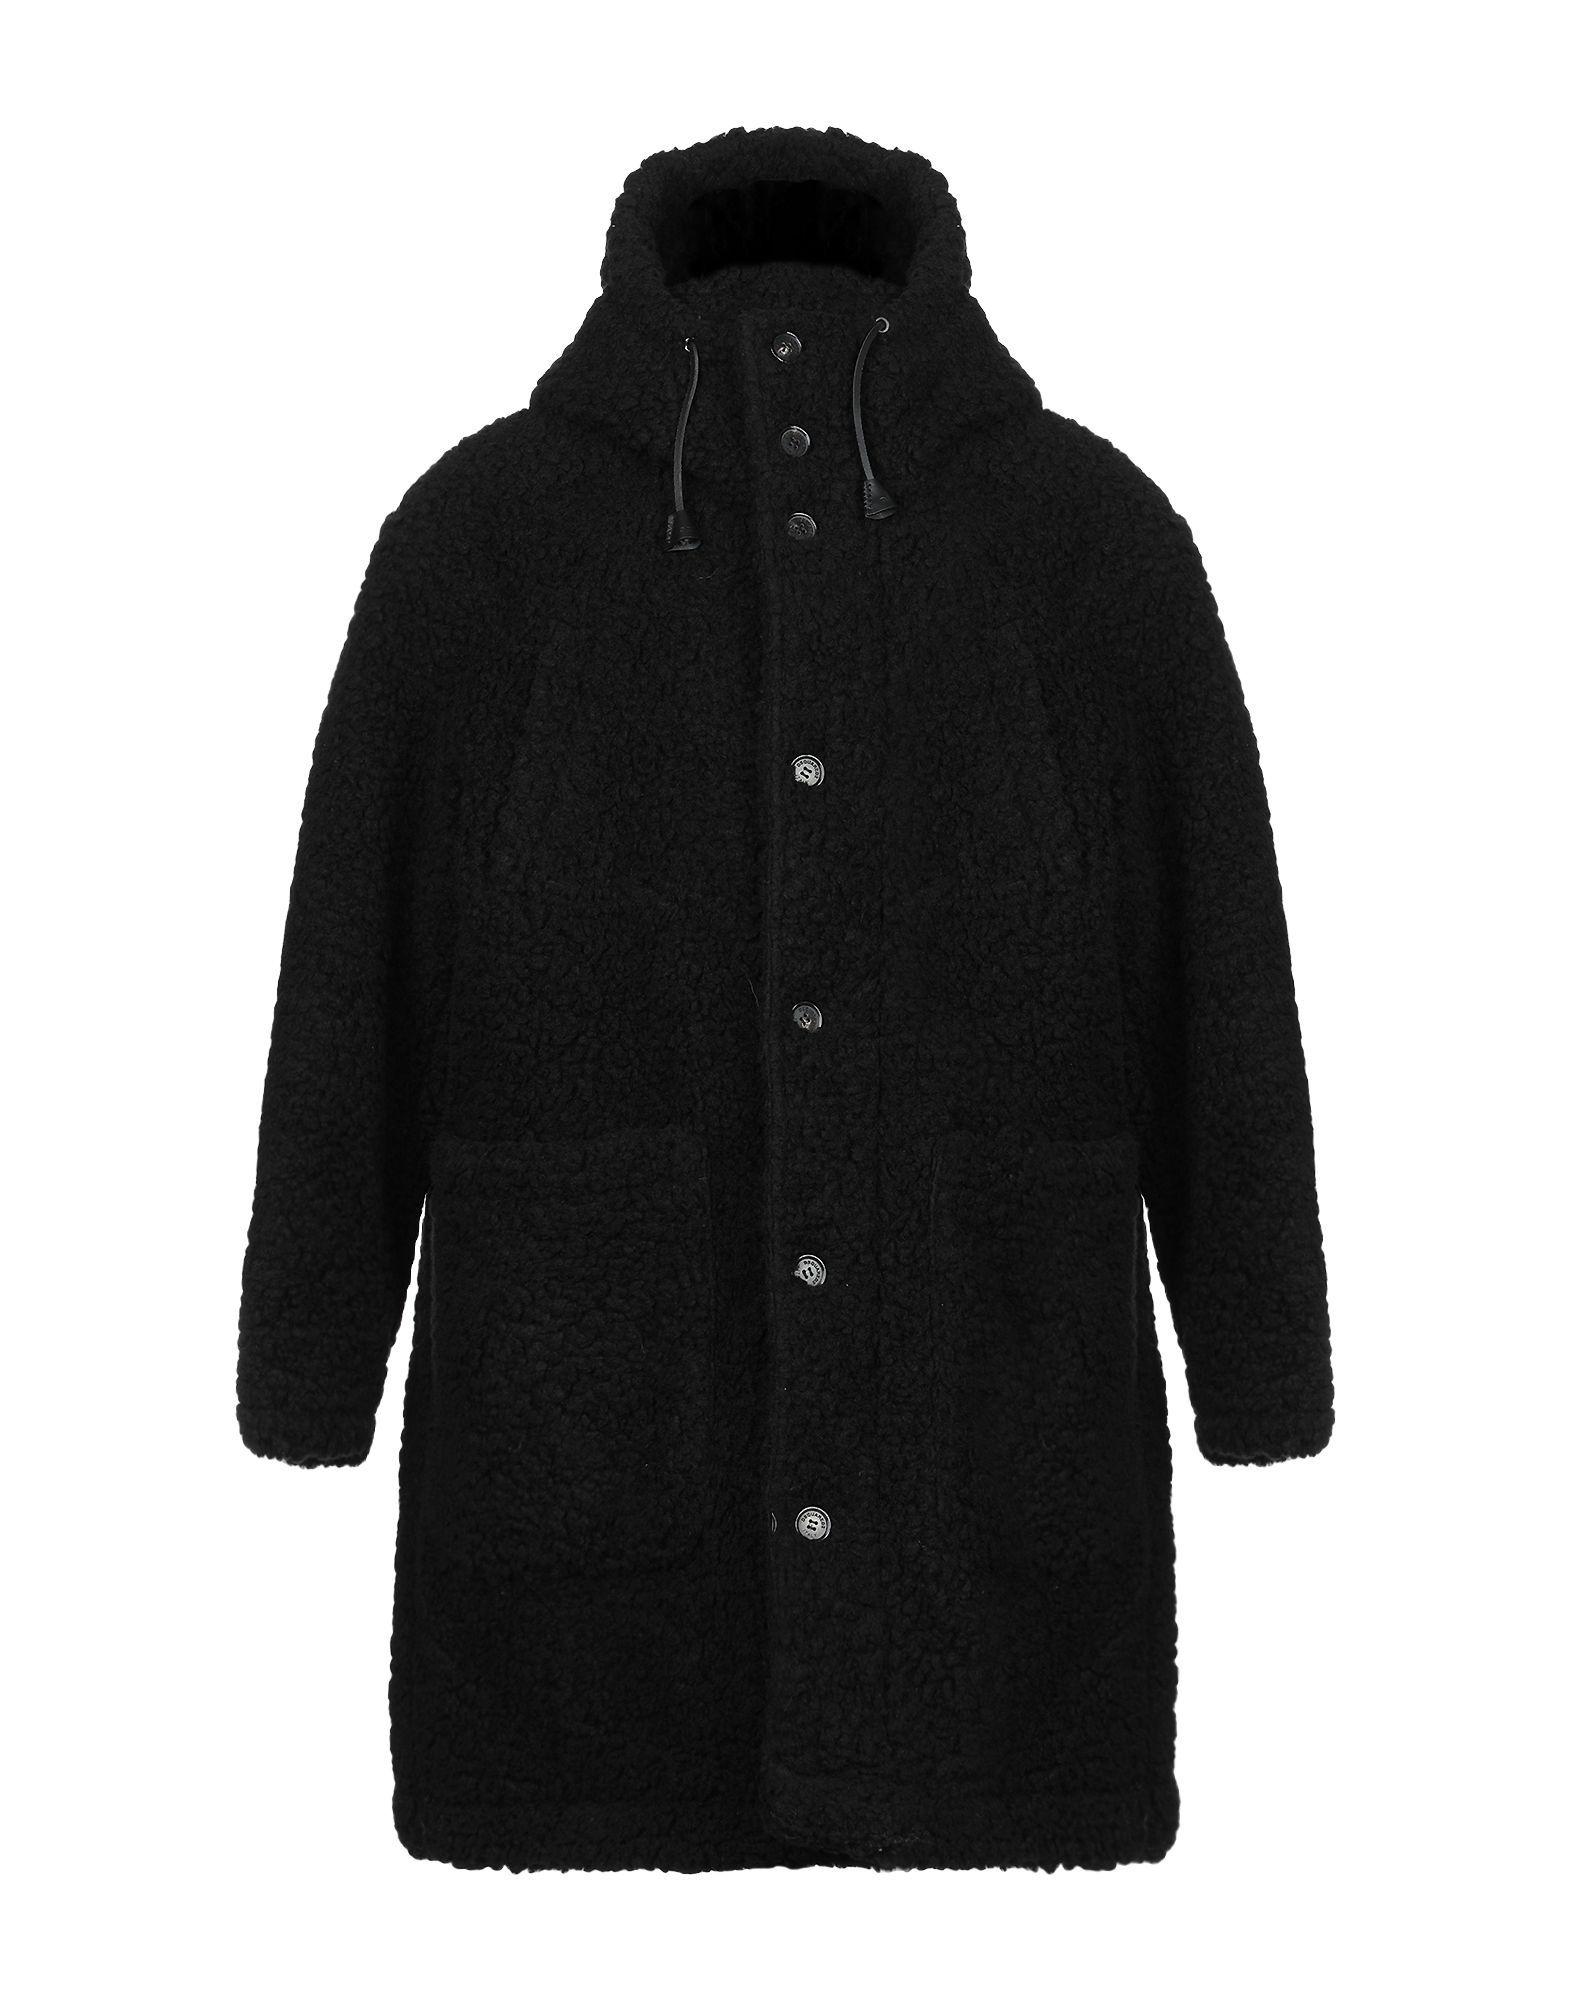 Dsquared2 Black Faux Fur Coat